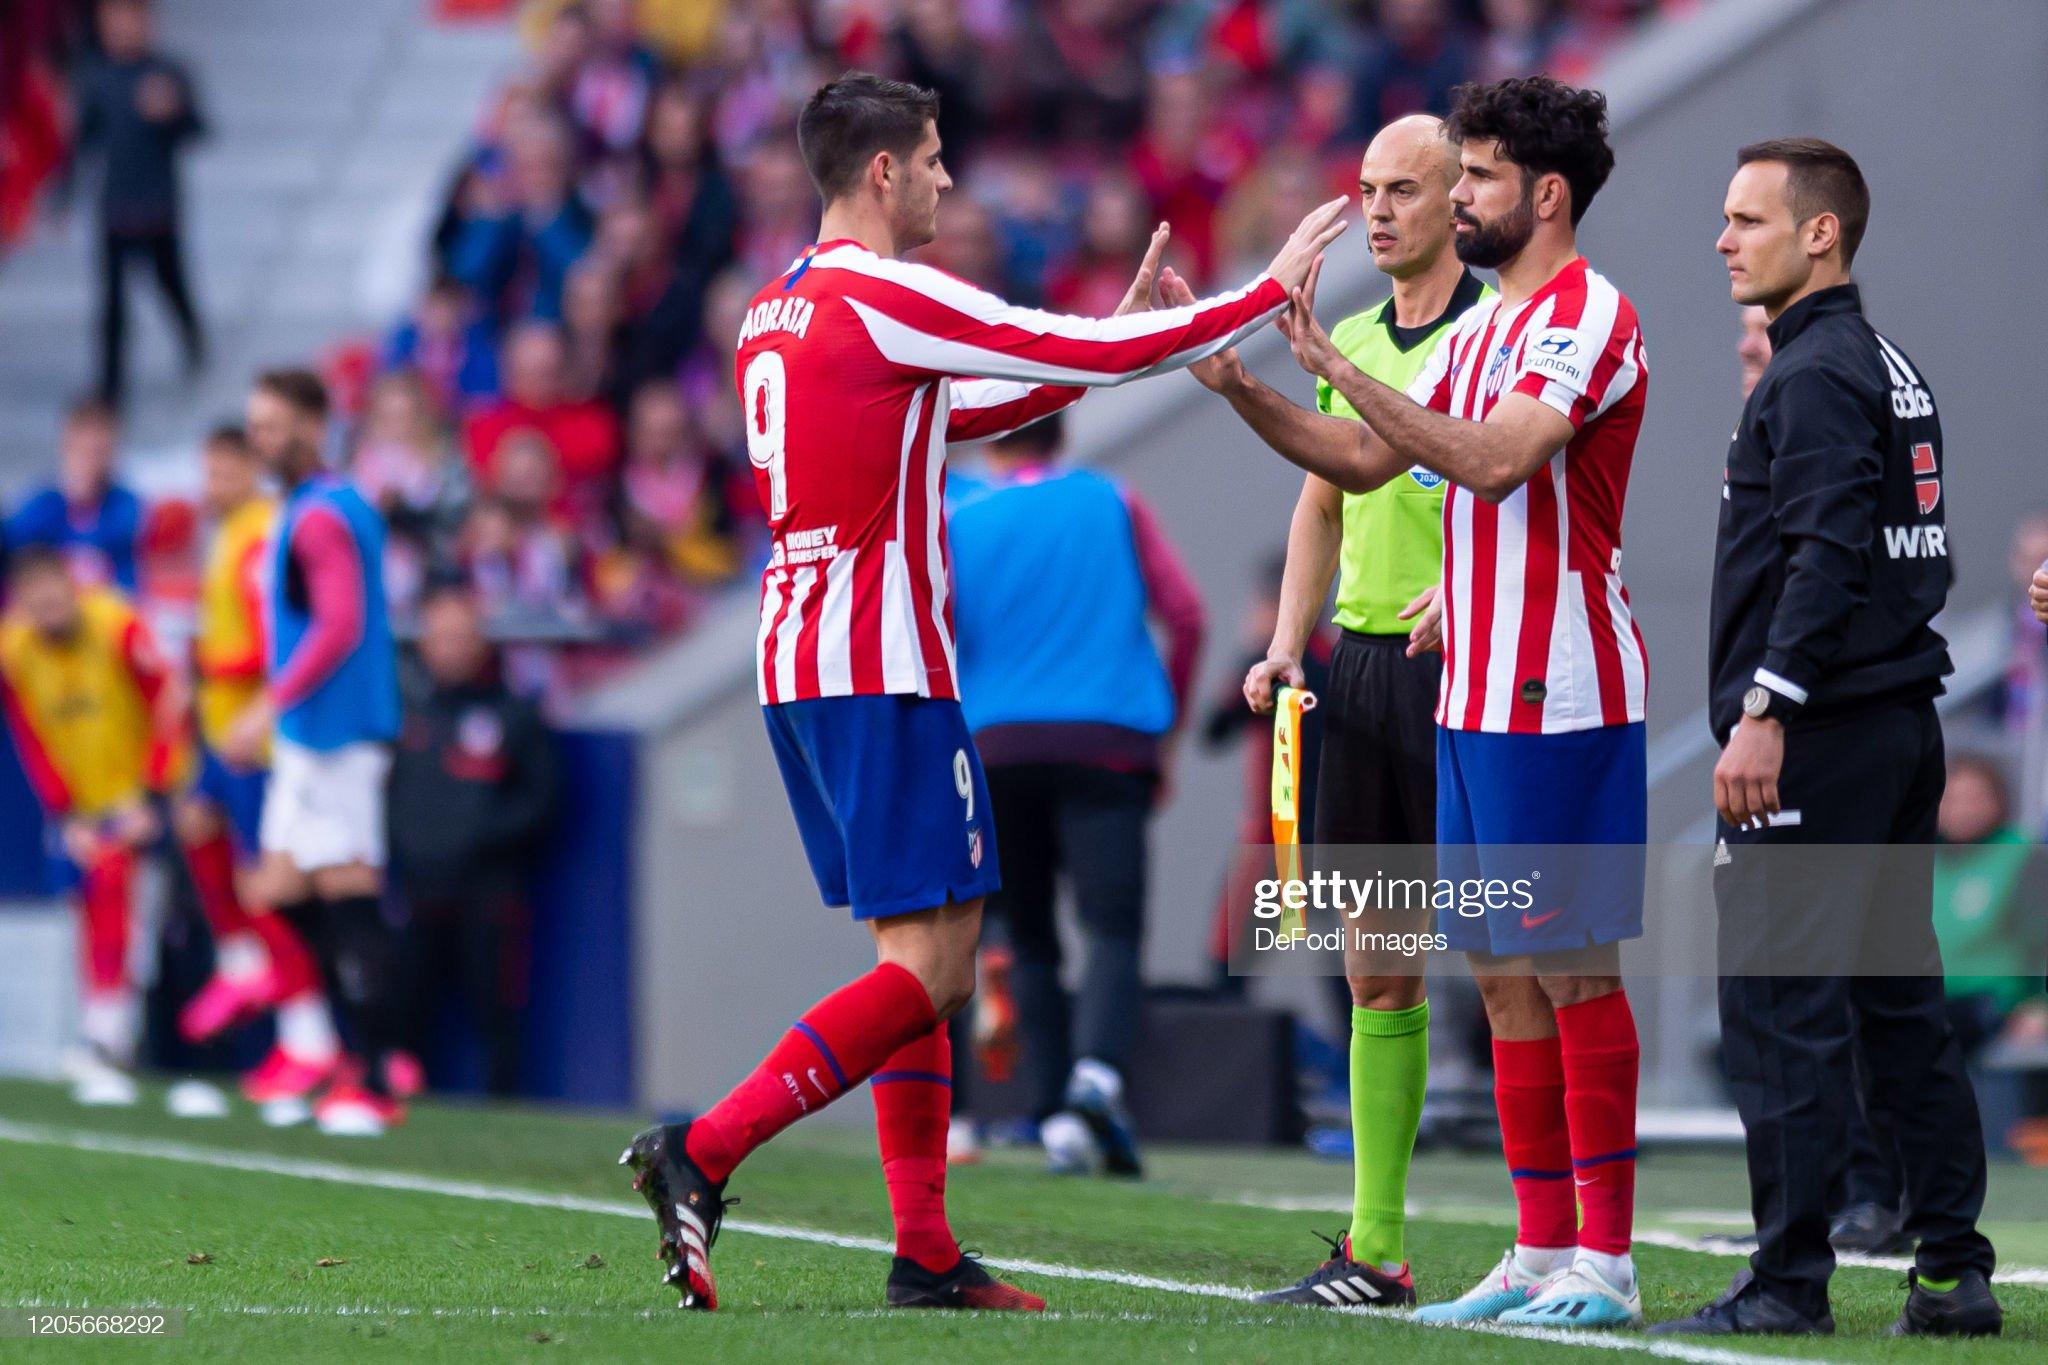 ¿Cuánto mide Álvaro Morata? - Altura - Real height Diego-costa-of-atletico-de-madrid-substitutes-alvaro-morata-of-de-picture-id1205668292?s=2048x2048